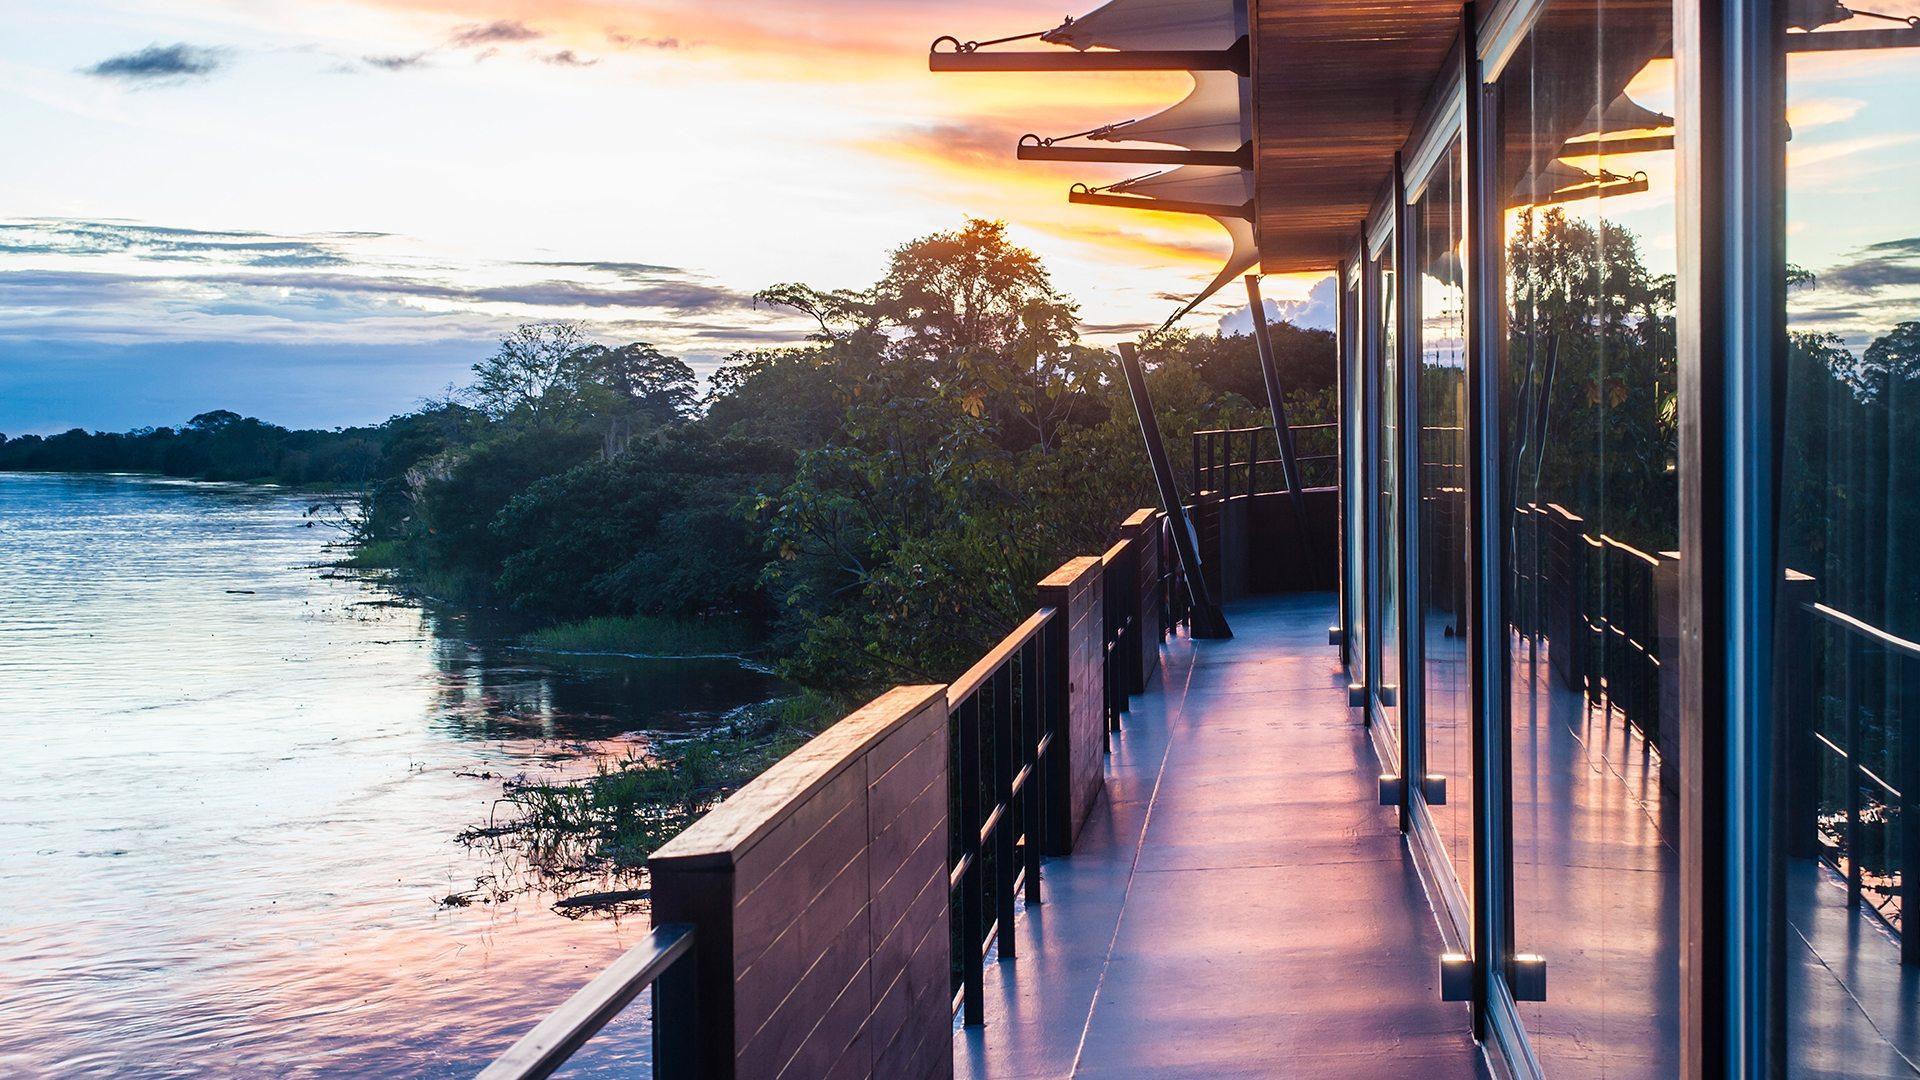 Observation Deck on Aqua Expeditions' Aqua Mekong